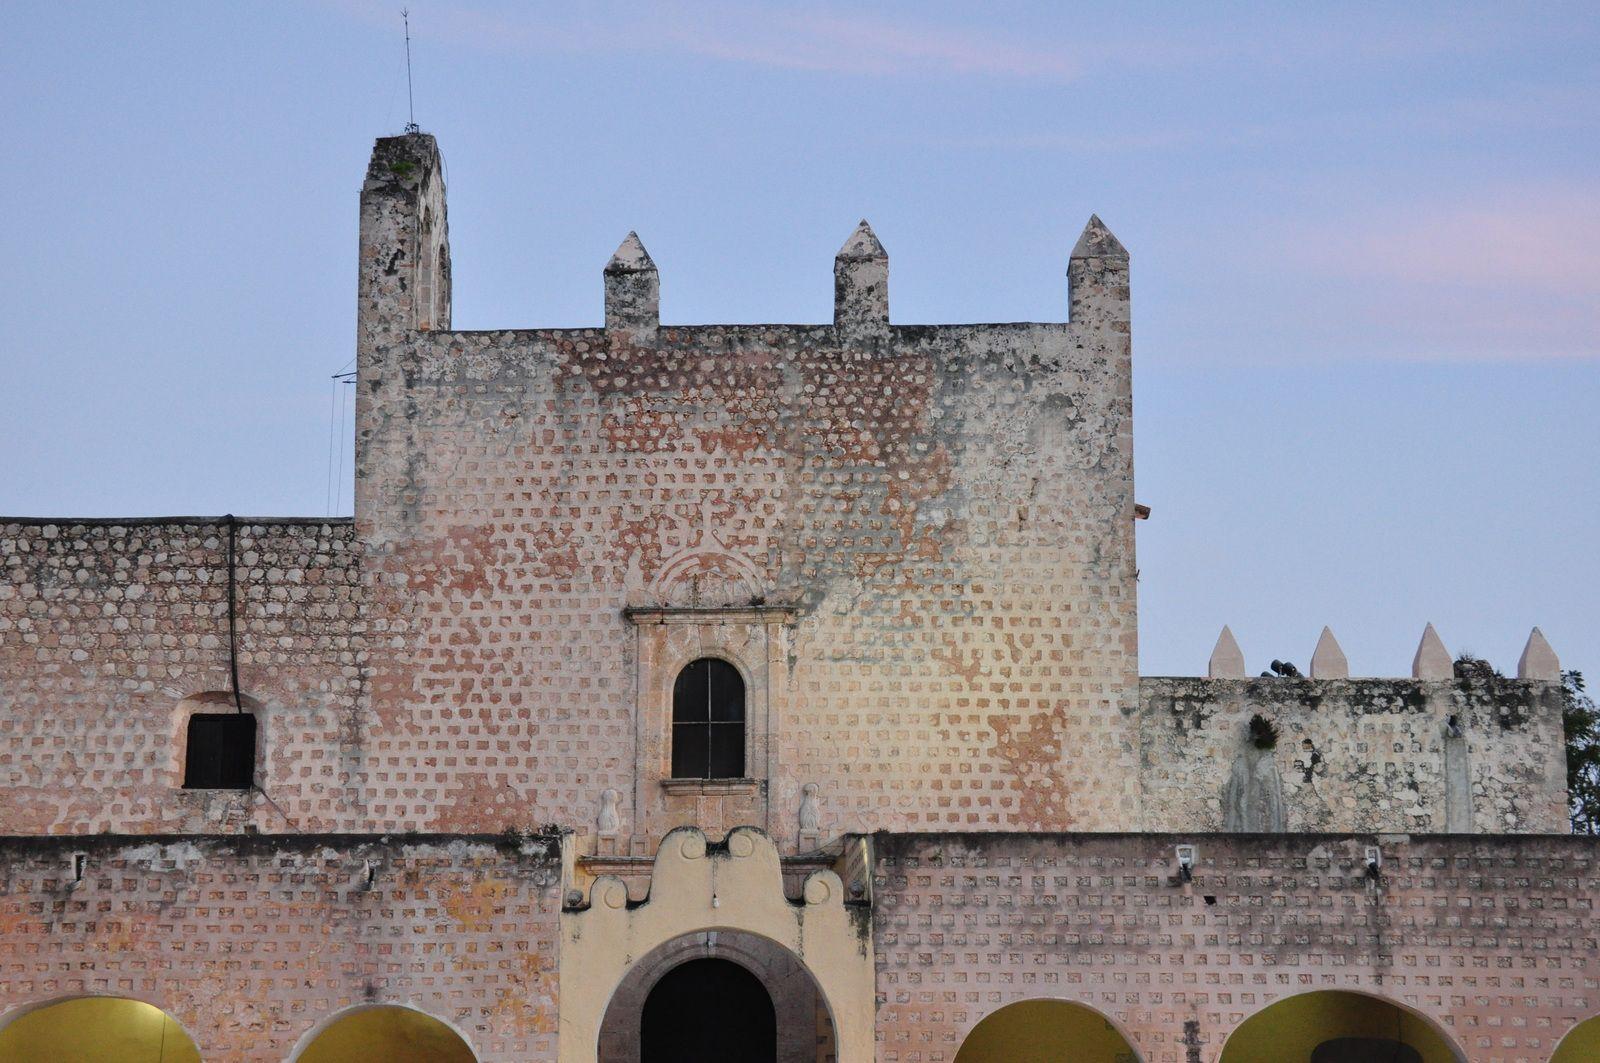 Le couvent de San Bernardino, un des premiers construits dans le pays en 1522